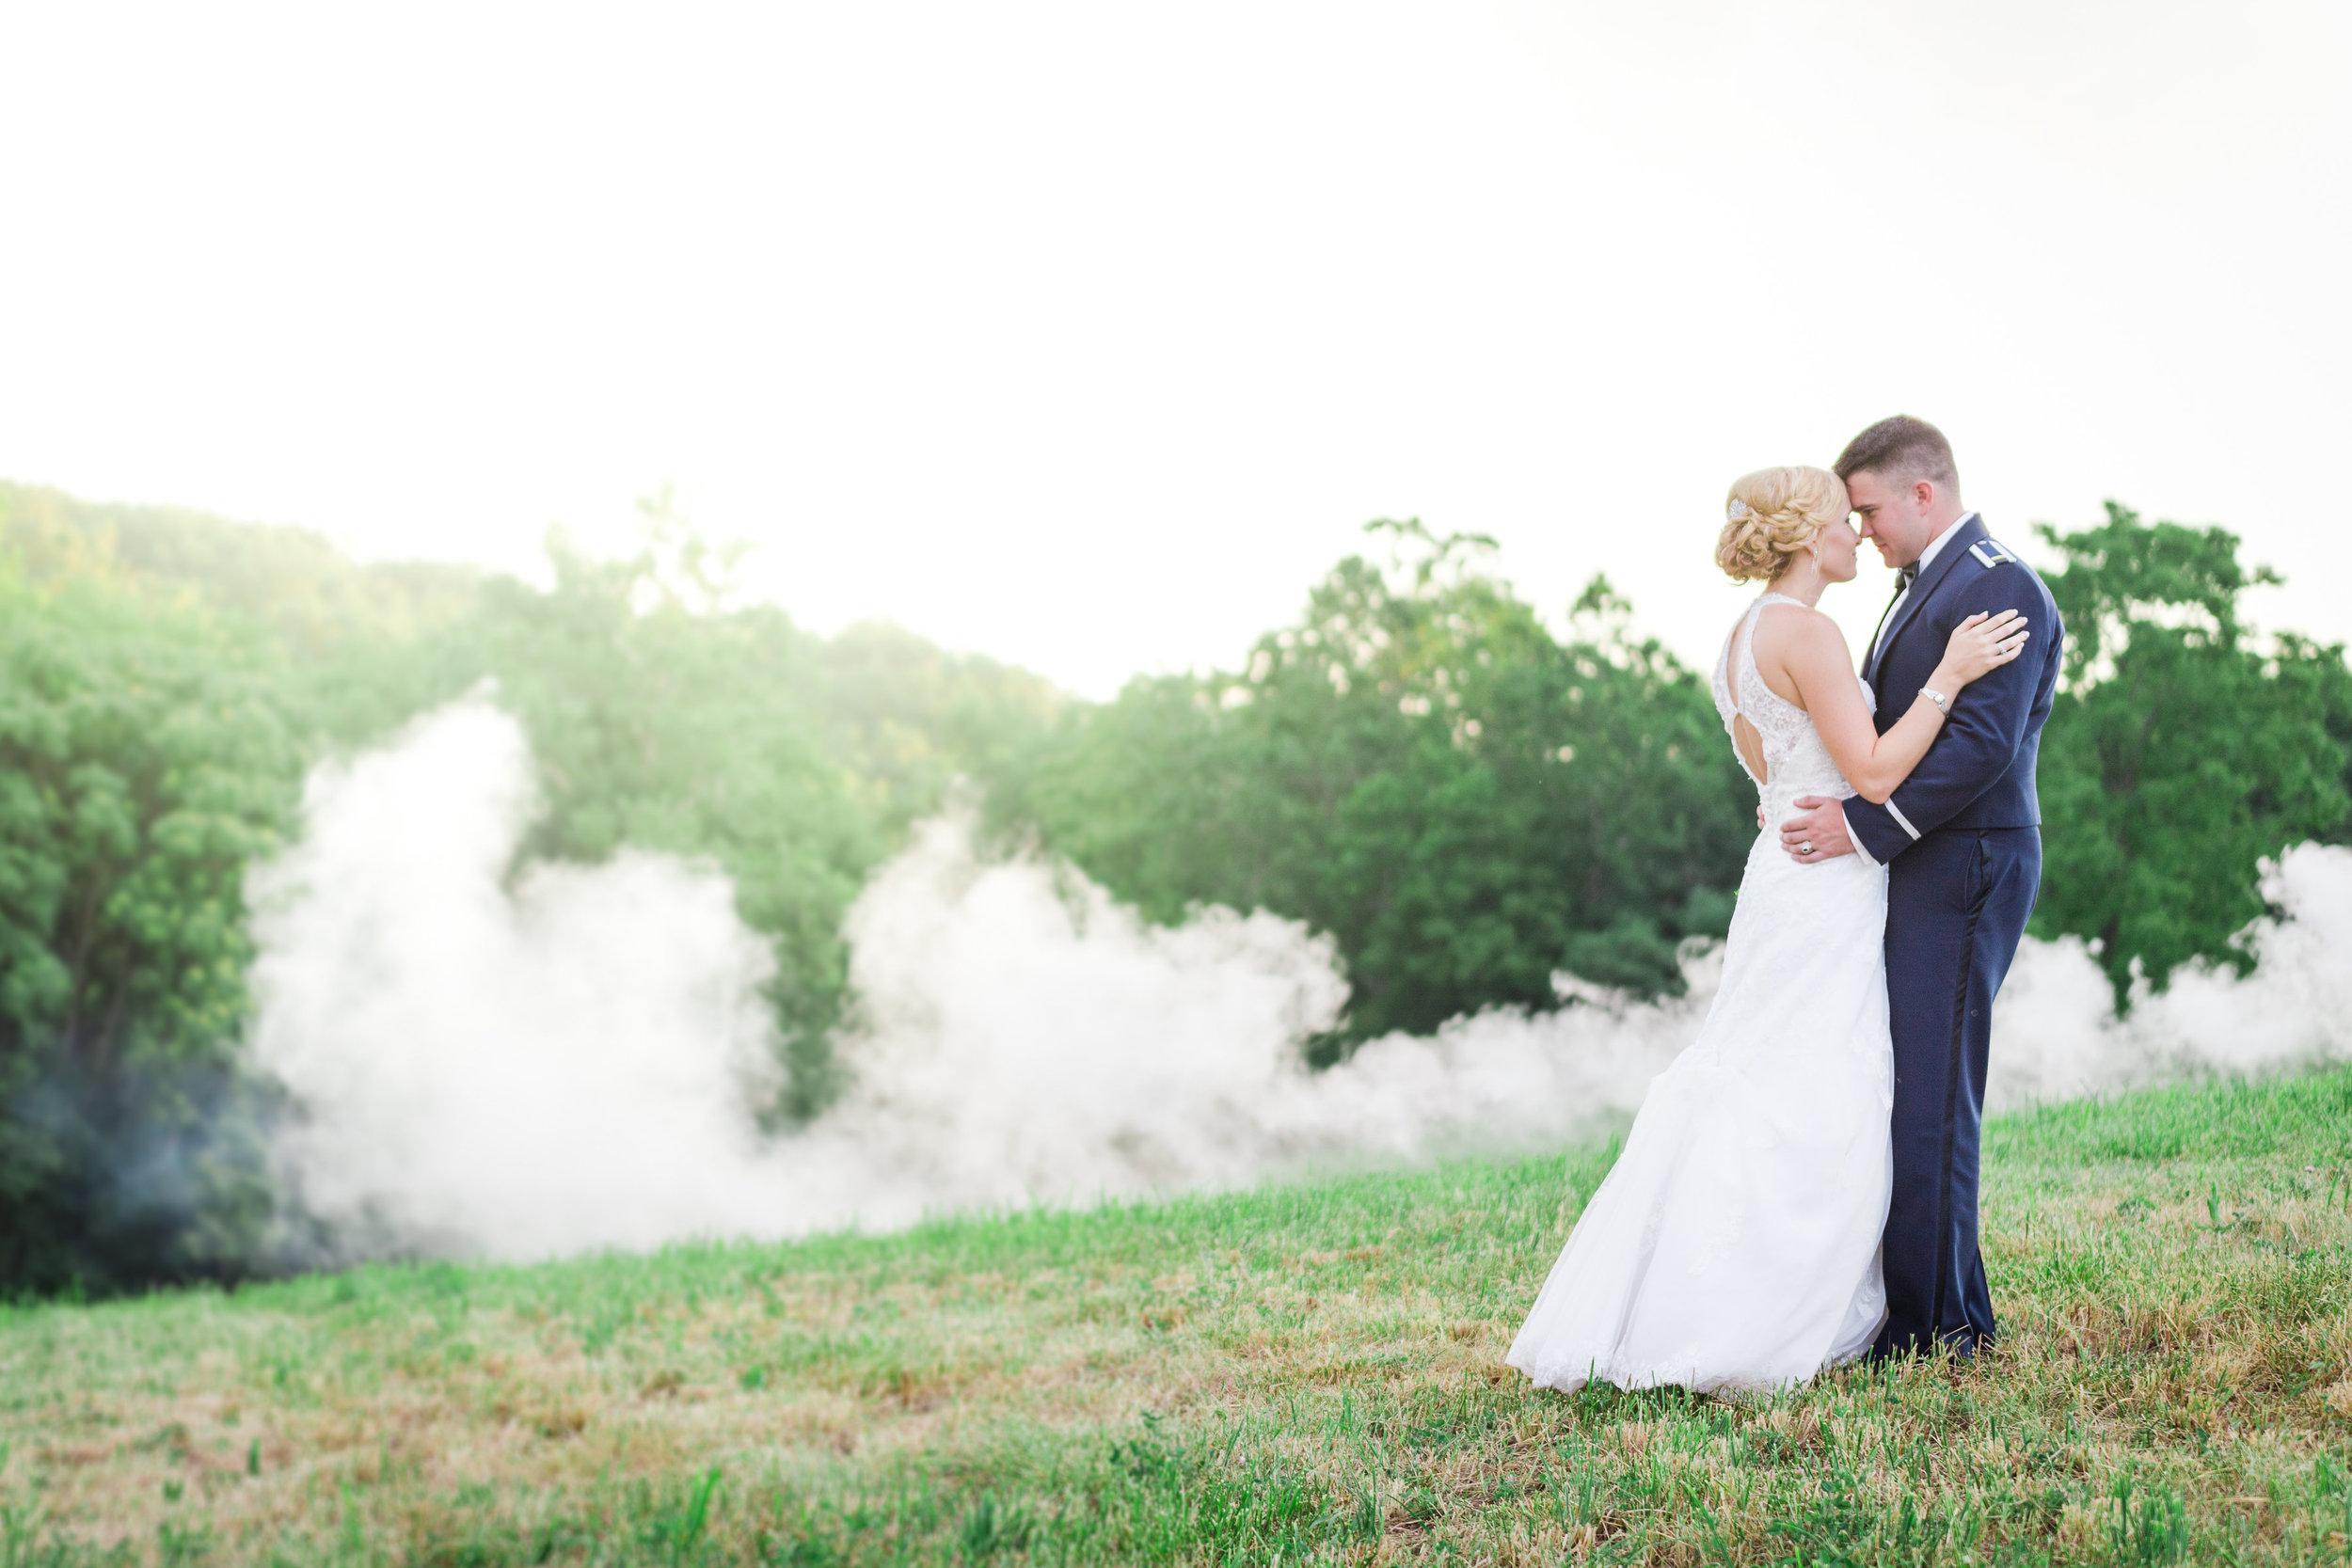 Wedding_Smoke_bomb